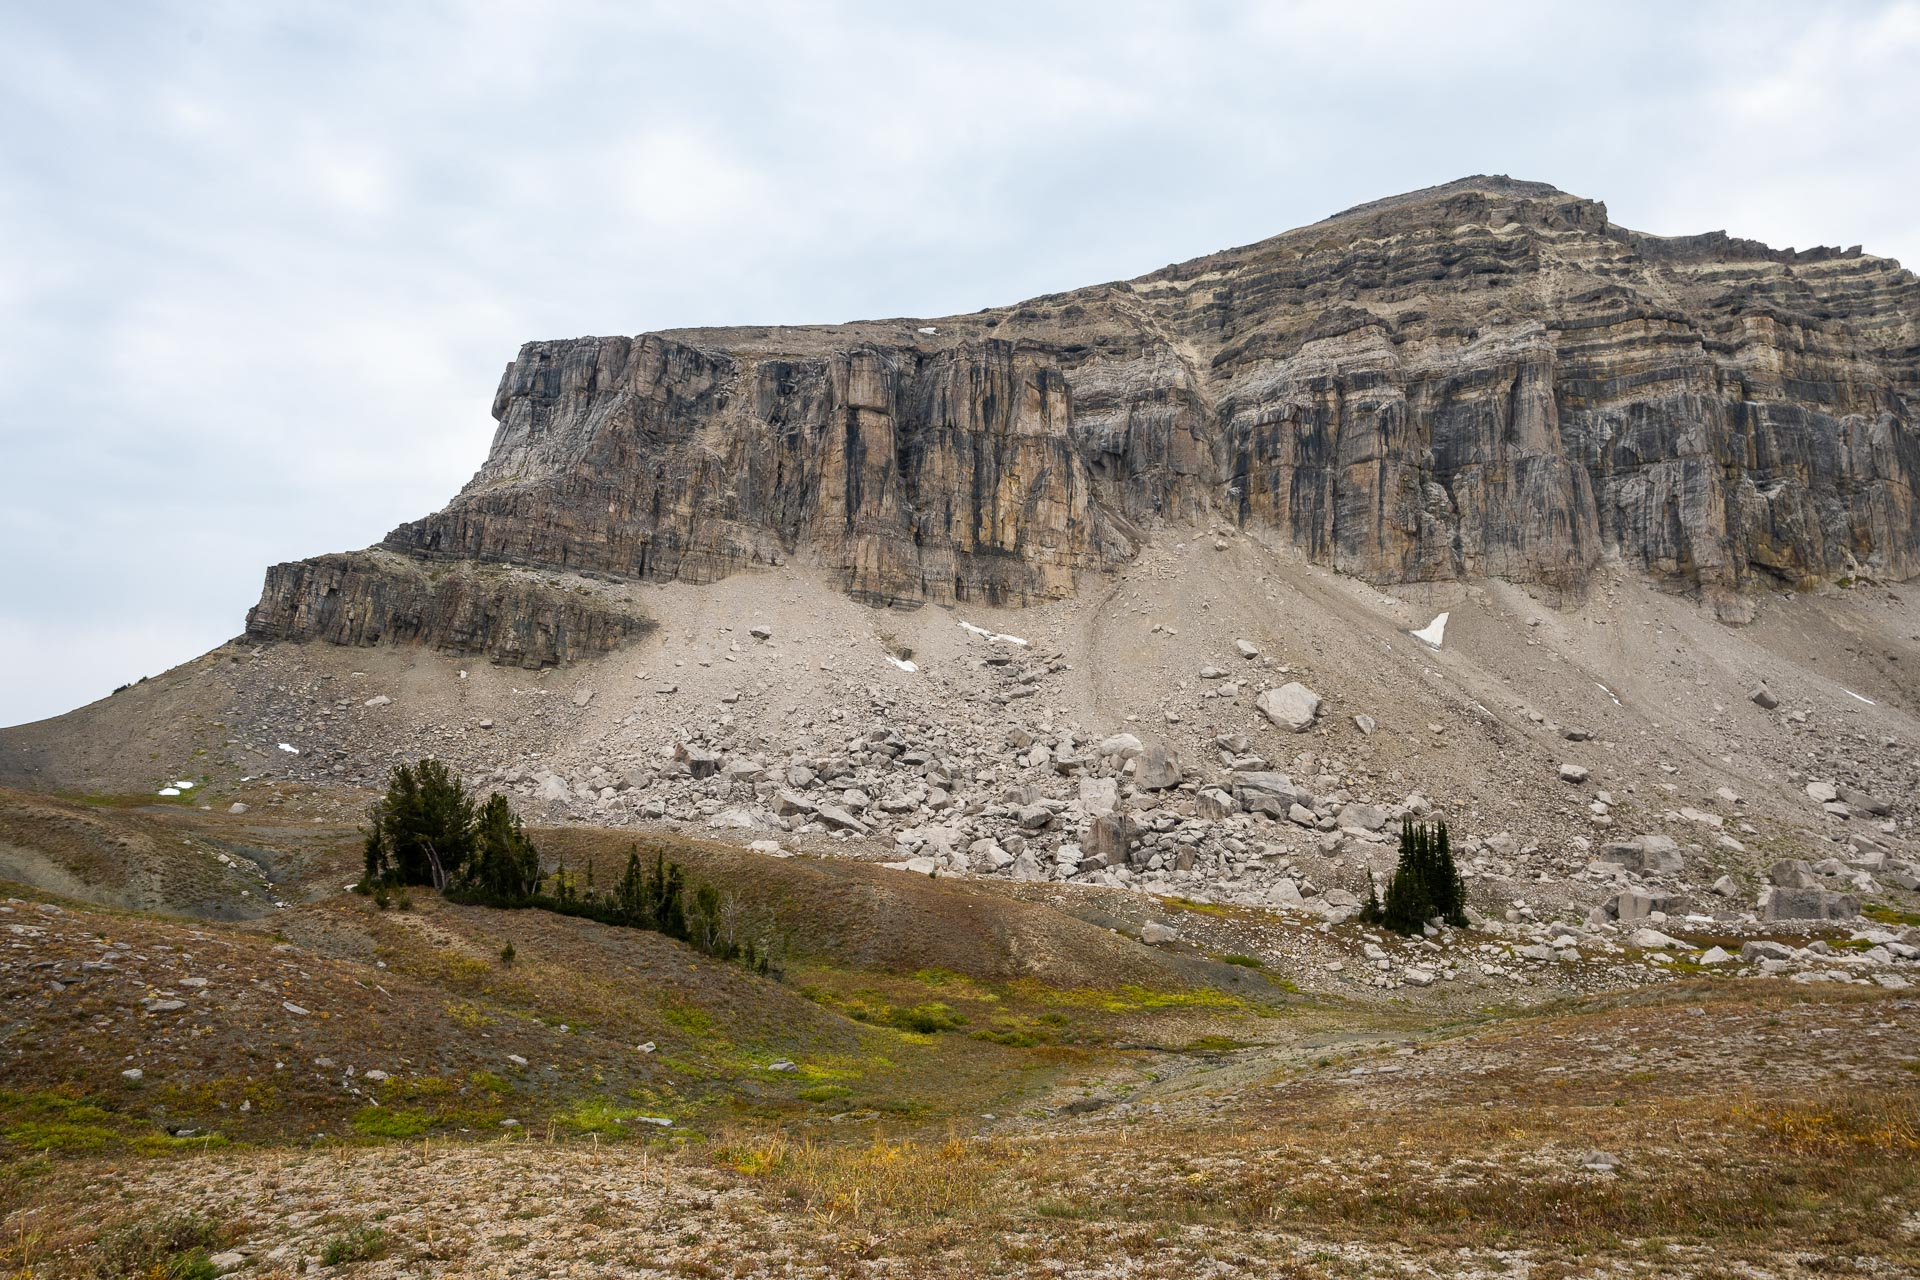 Mt. Meek